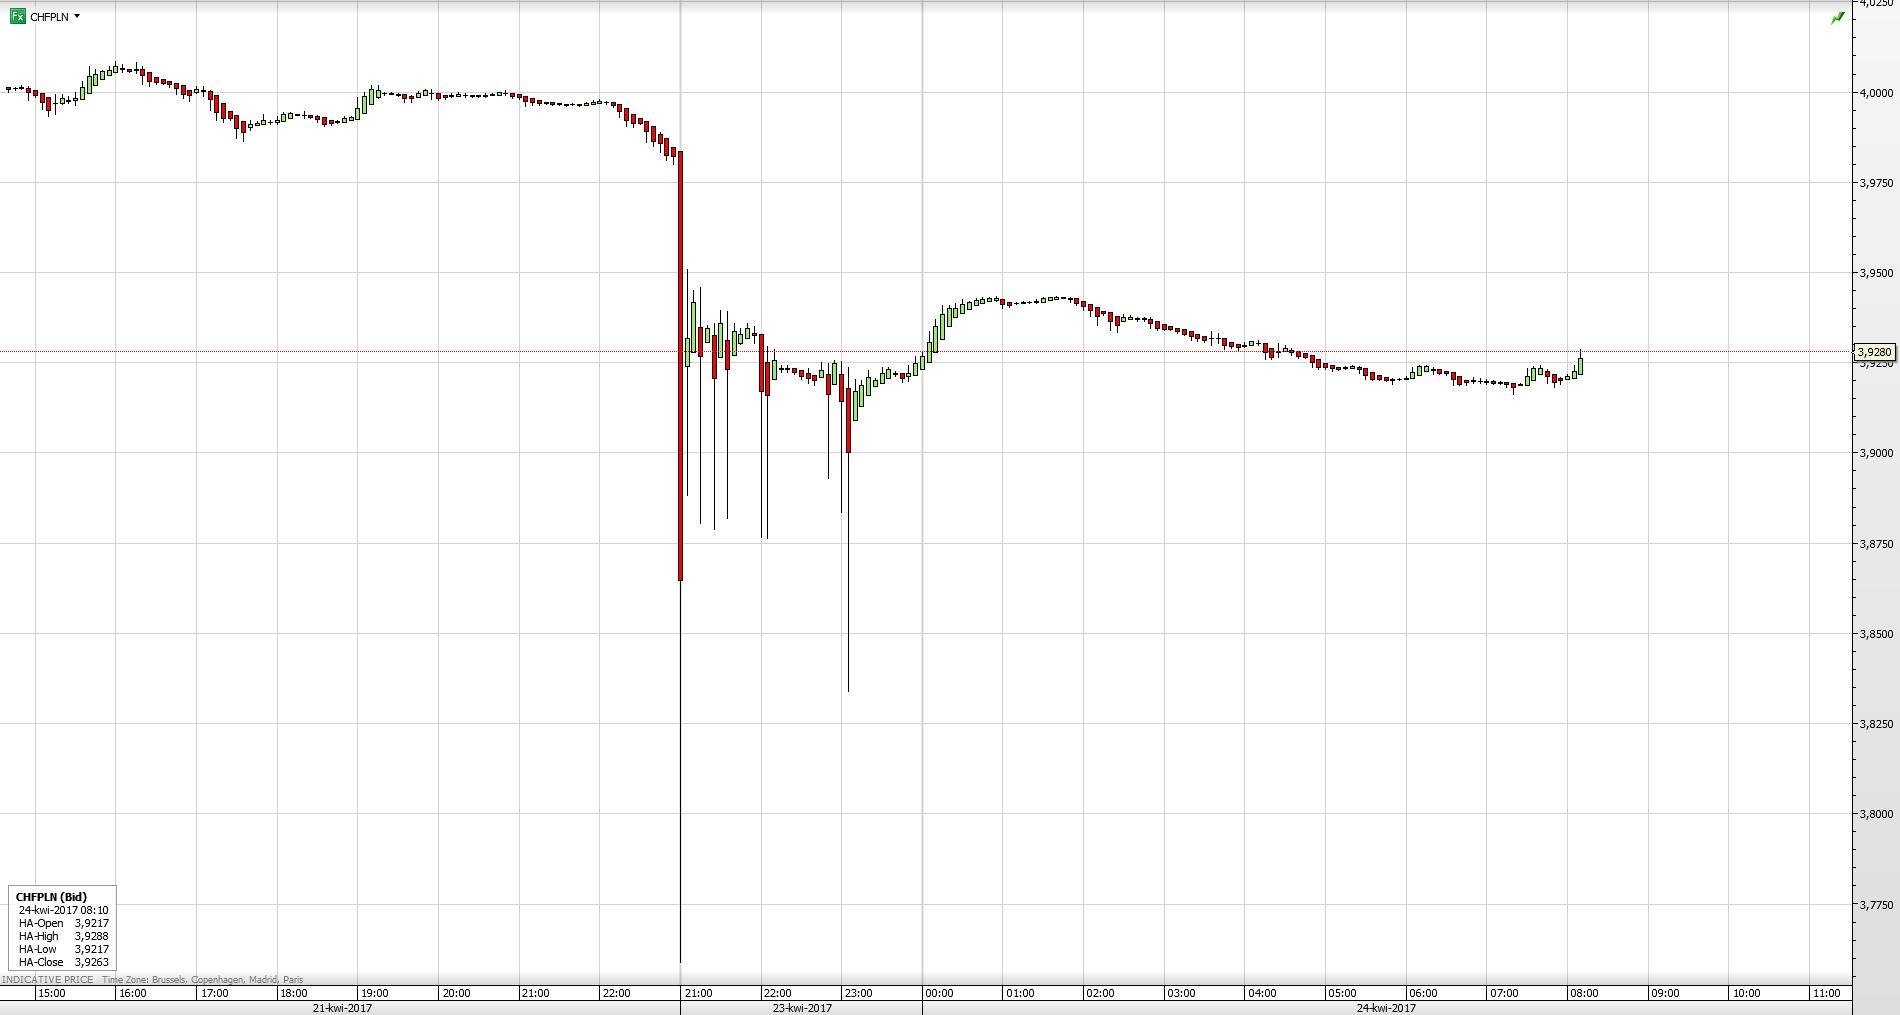 Reakcja pary walutowej CHF/PLN na wyniki pierwszej tury wyborów prezydenckich we Francji